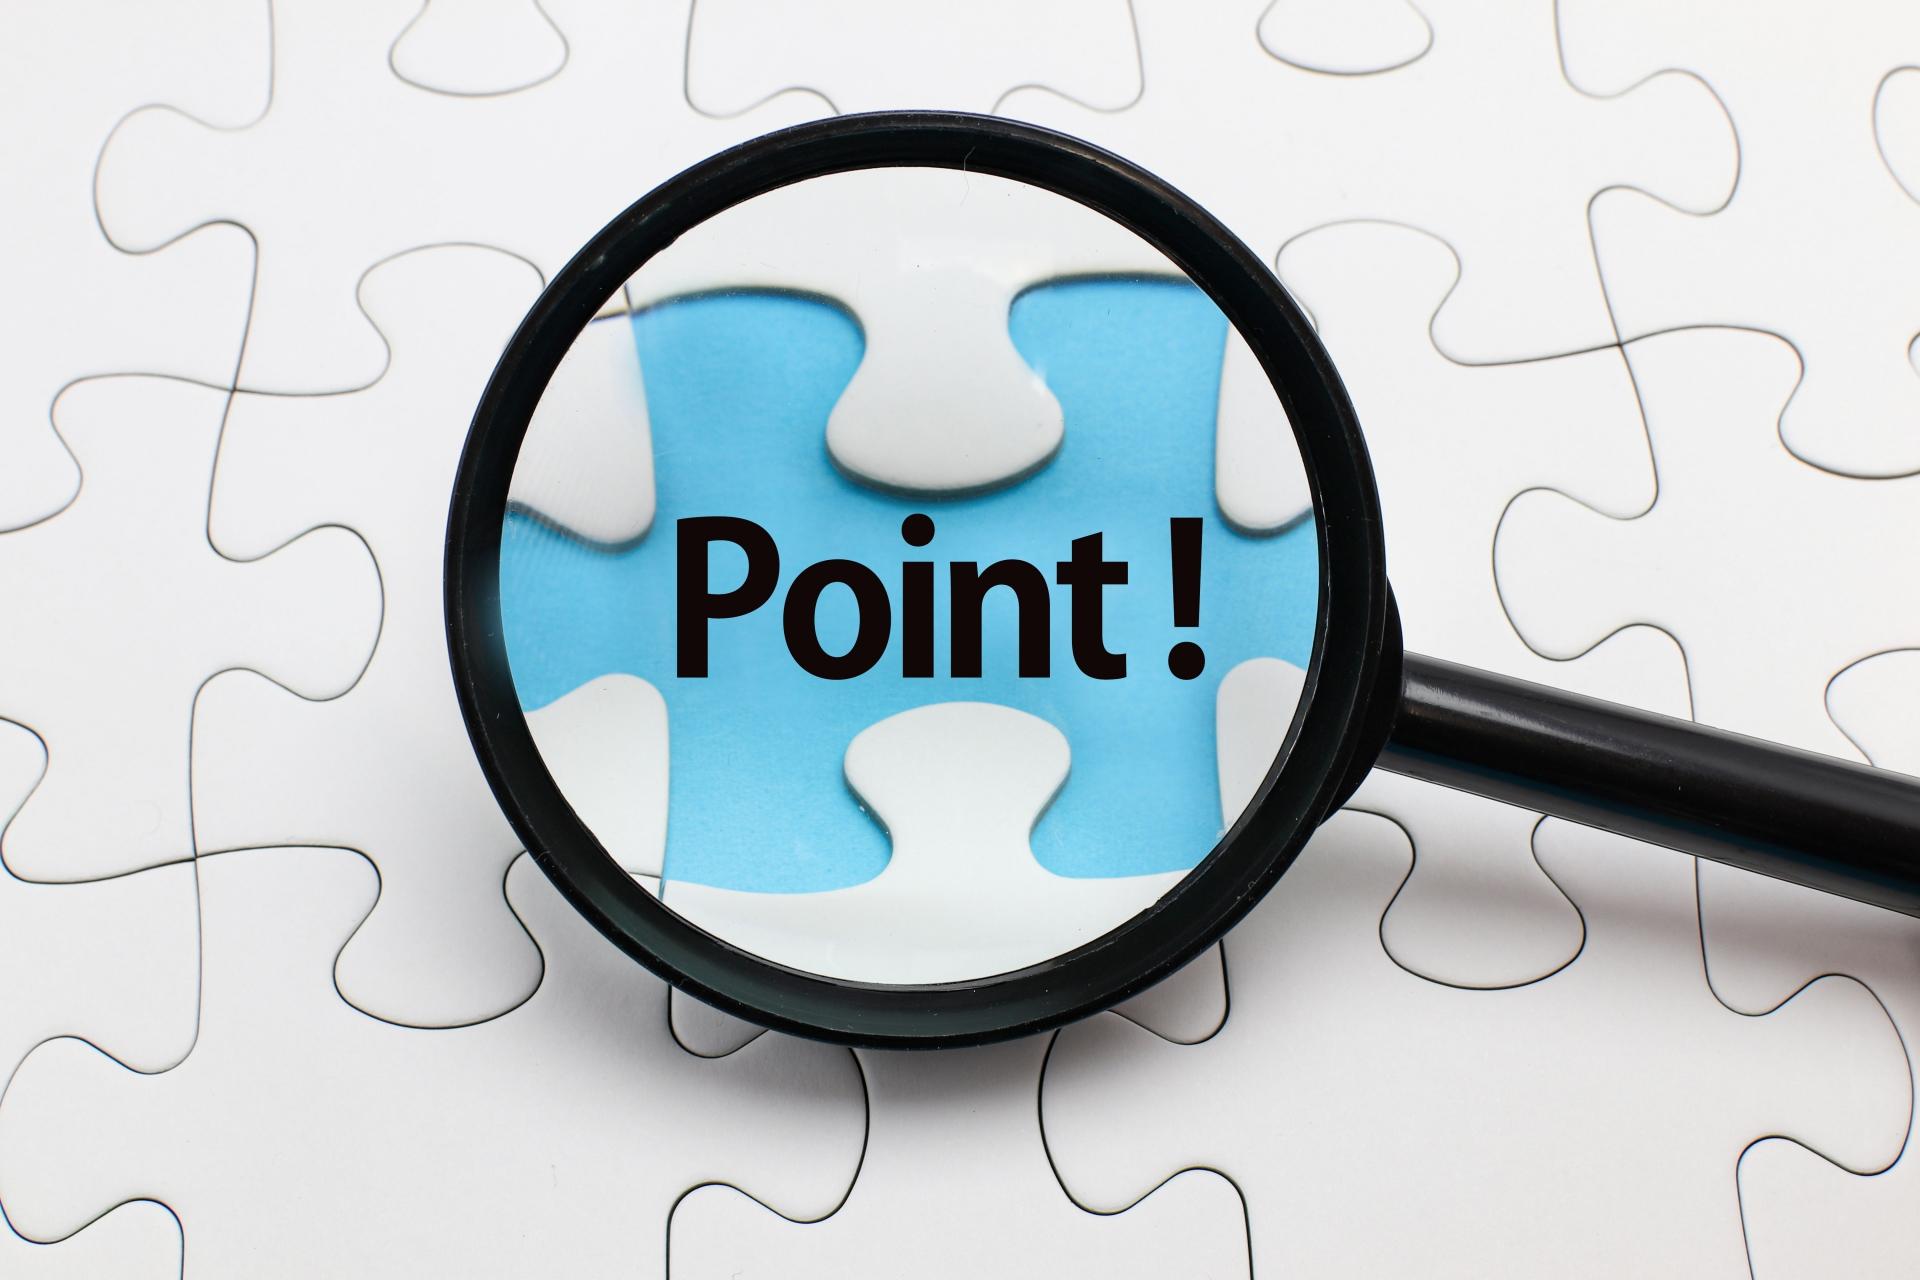 マッチングサイトのおすすめの構築方法や費用、重要な考え方など徹底解説まとめ